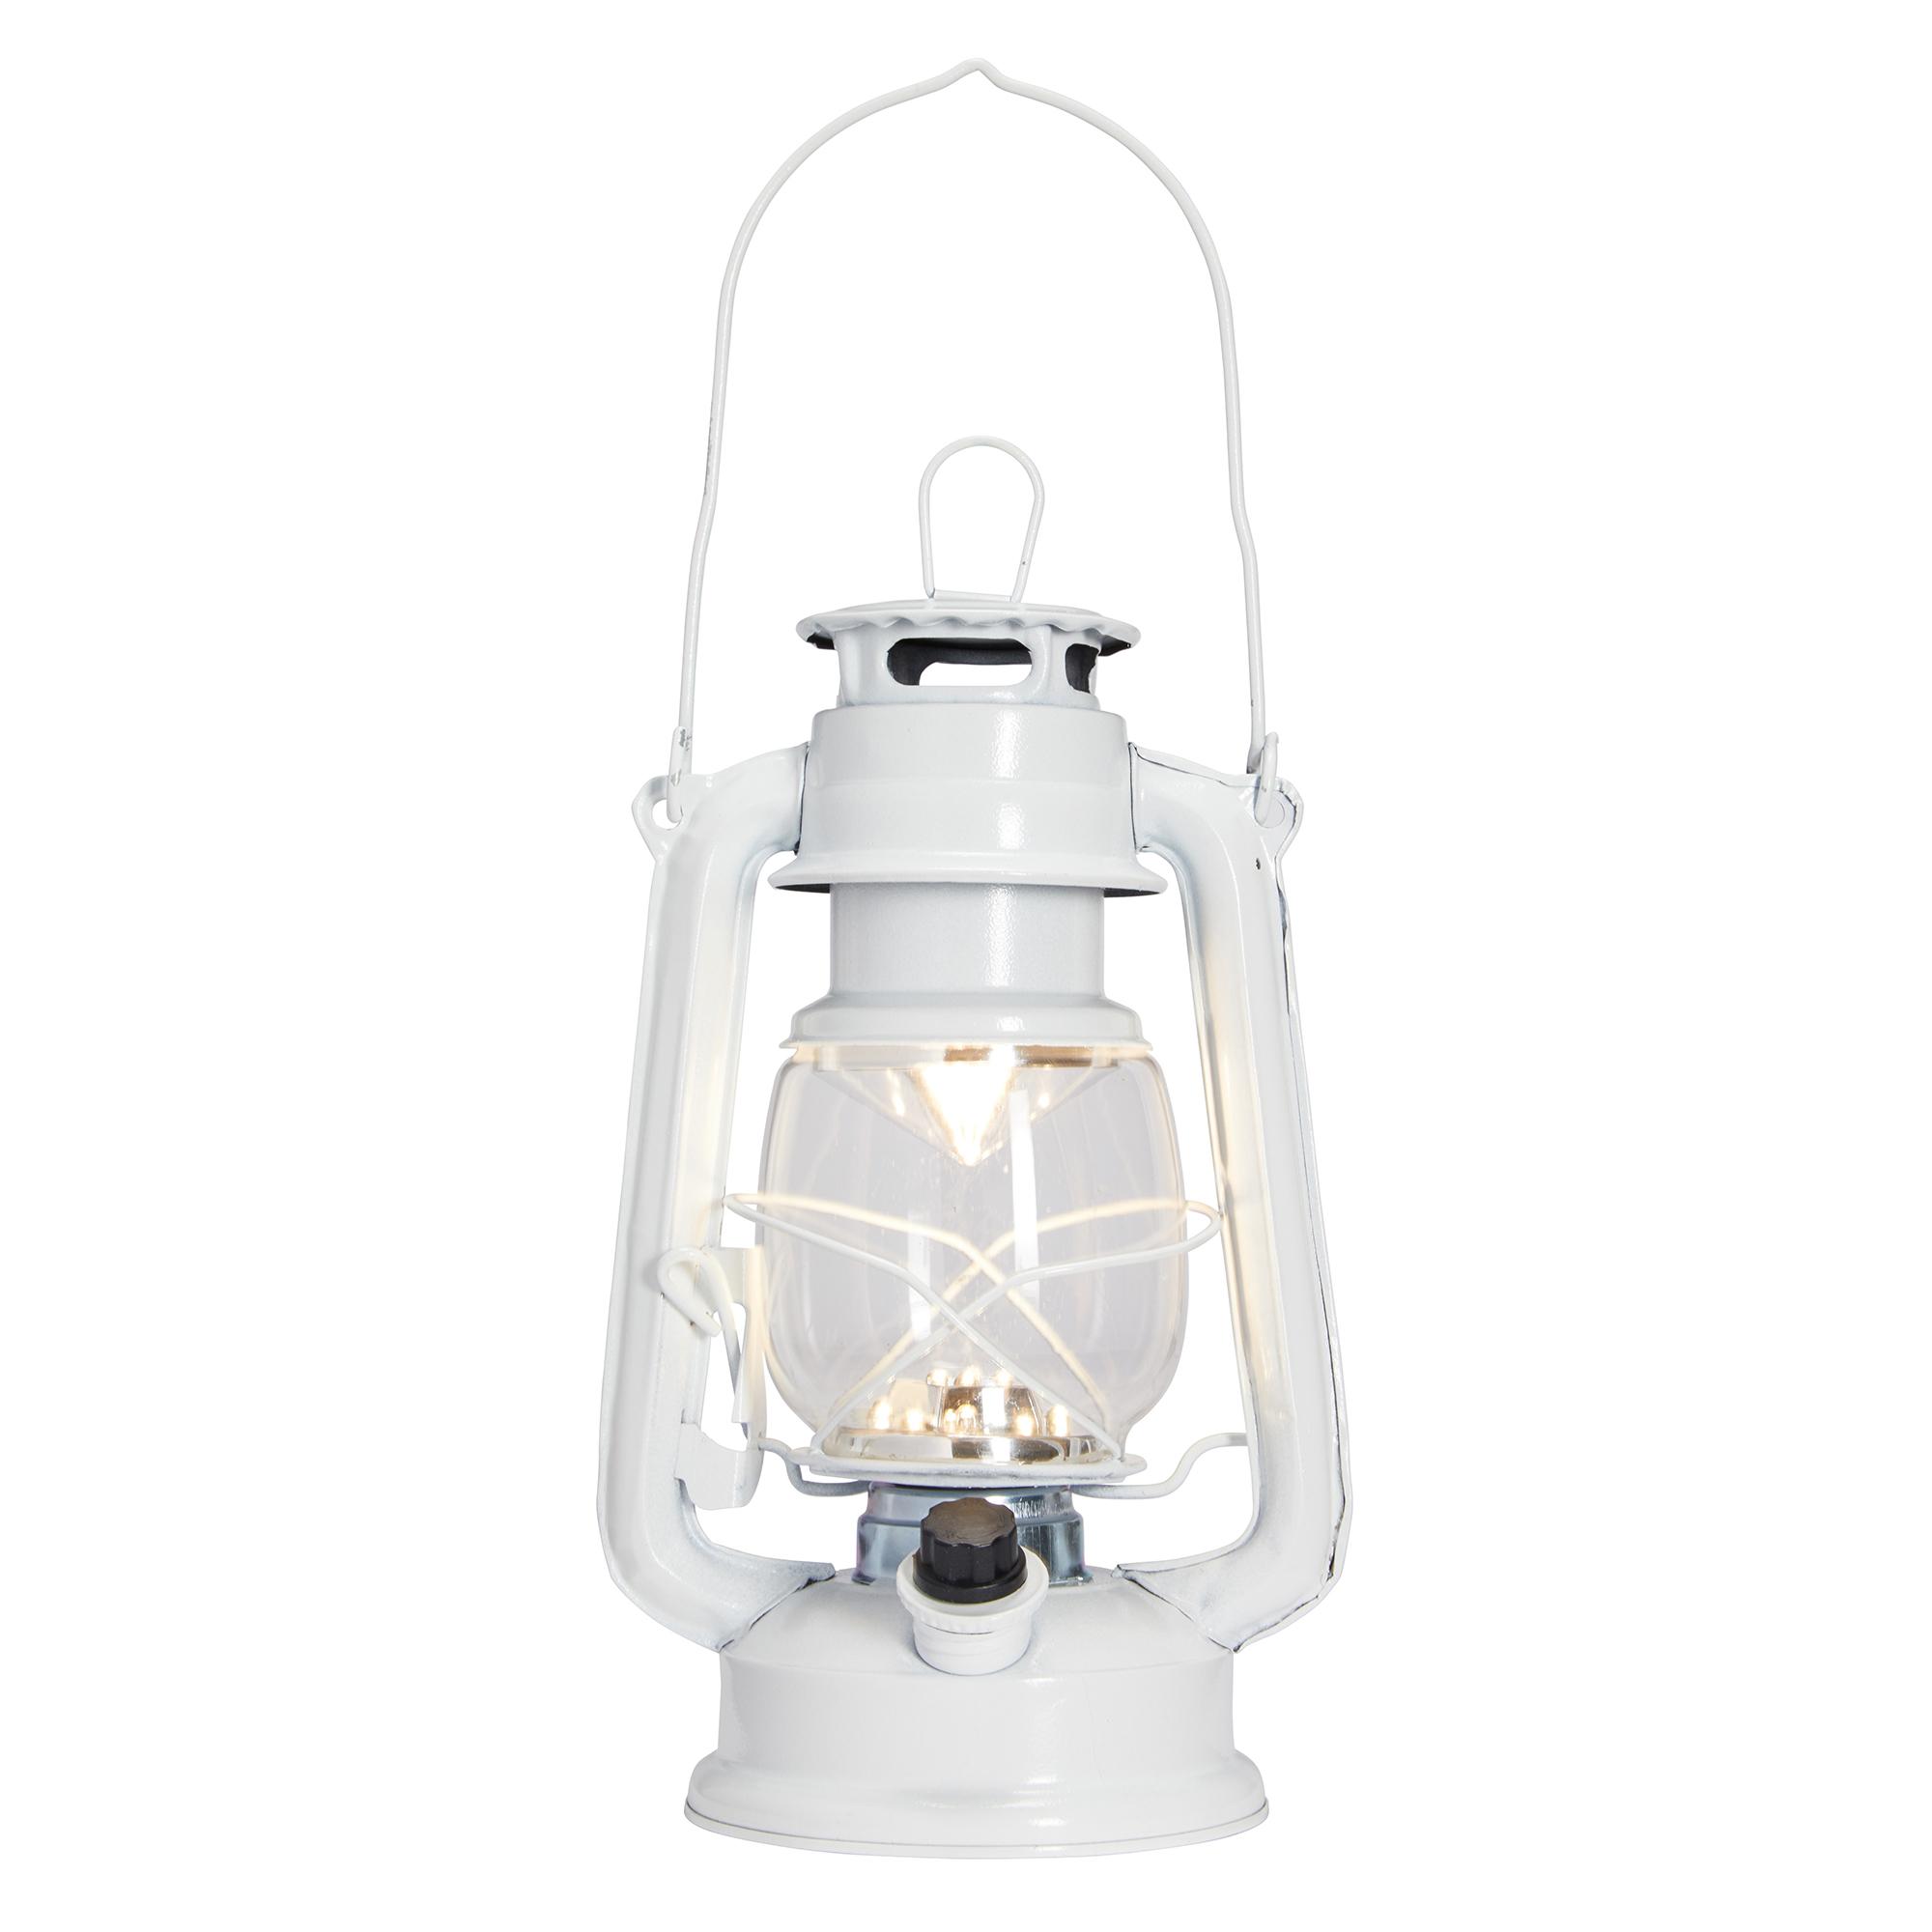 LED lantern, £12.99, Lights4fun